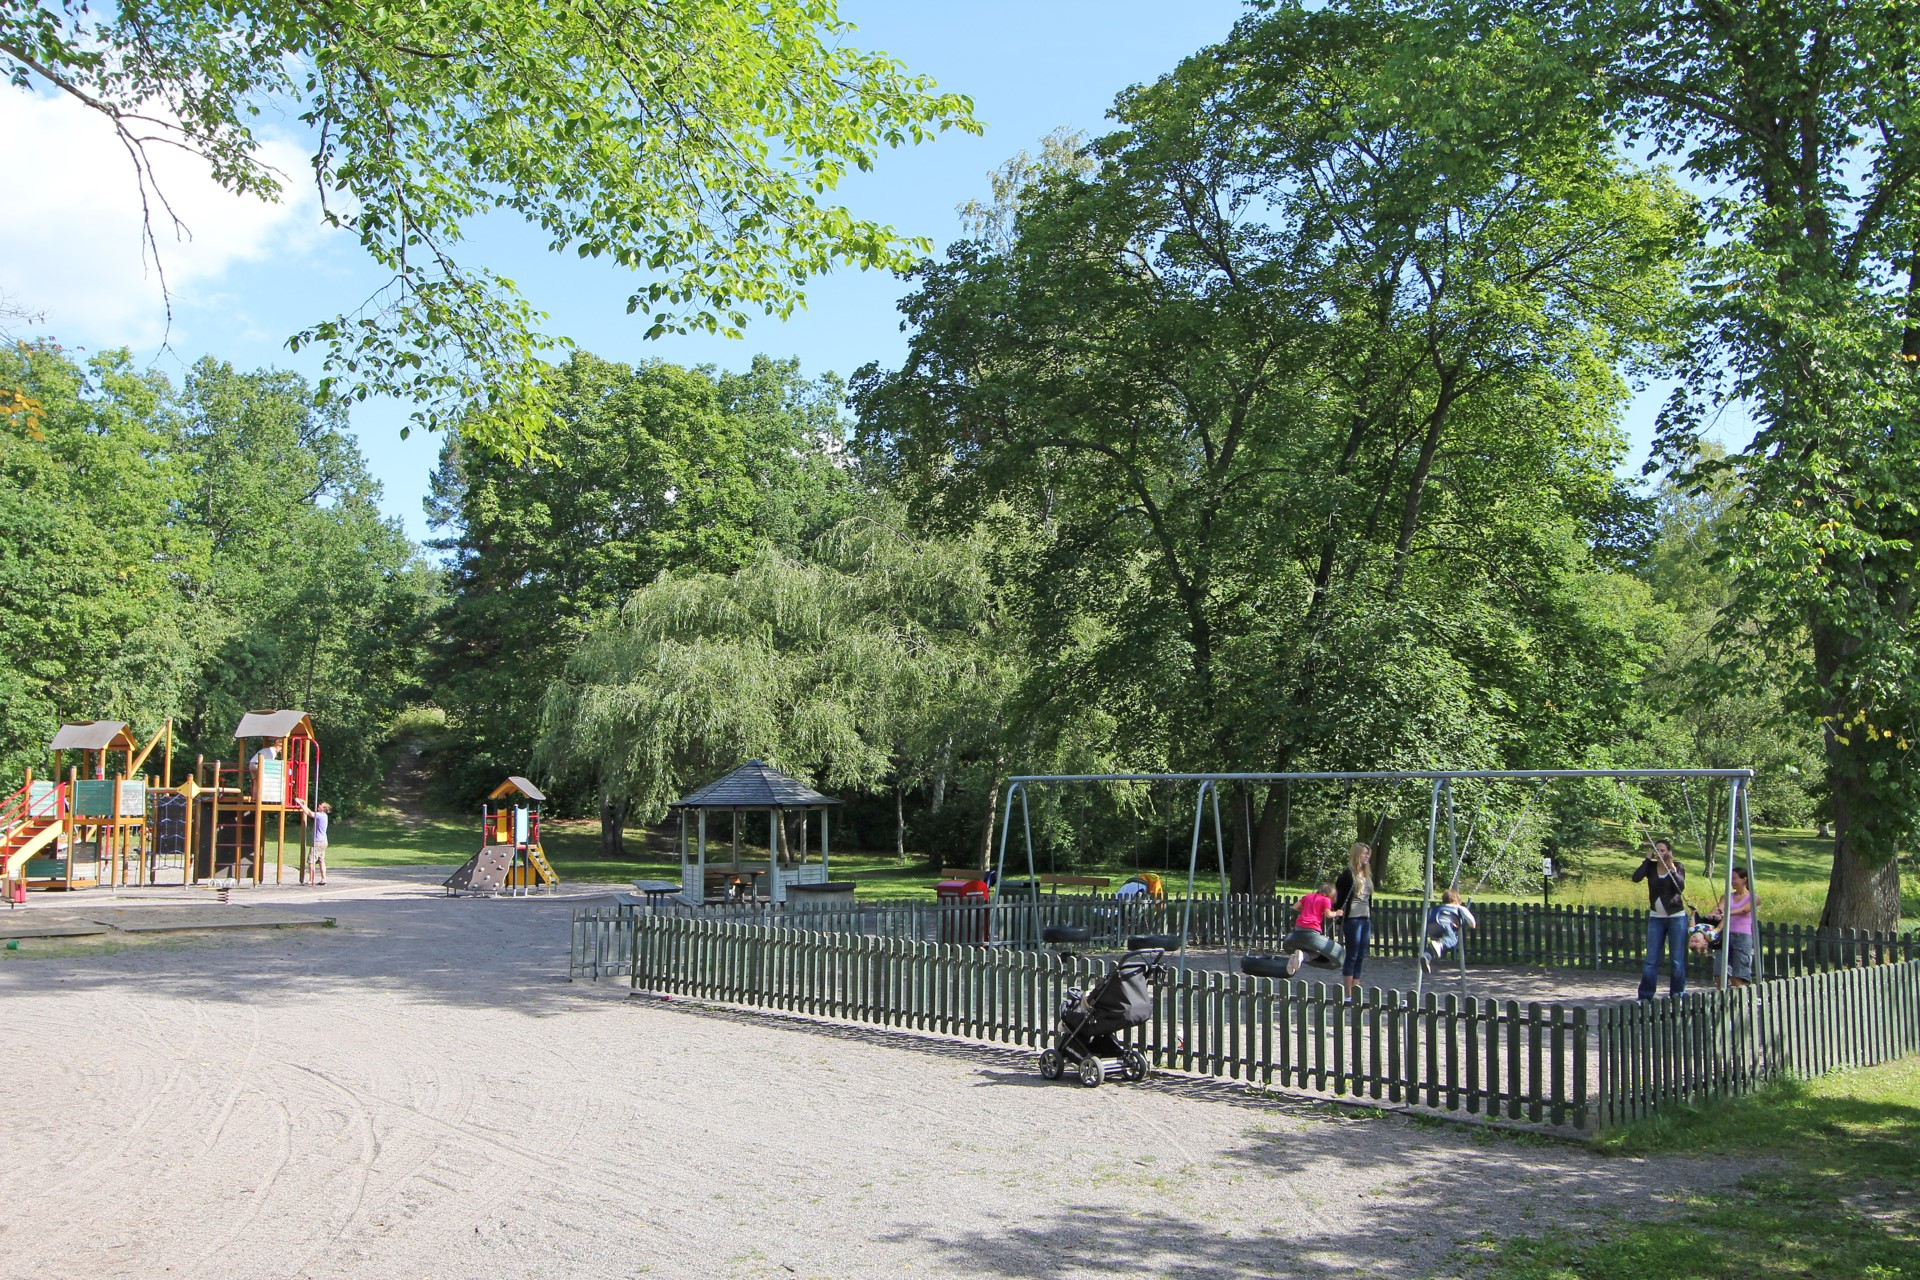 Olovslundsparken